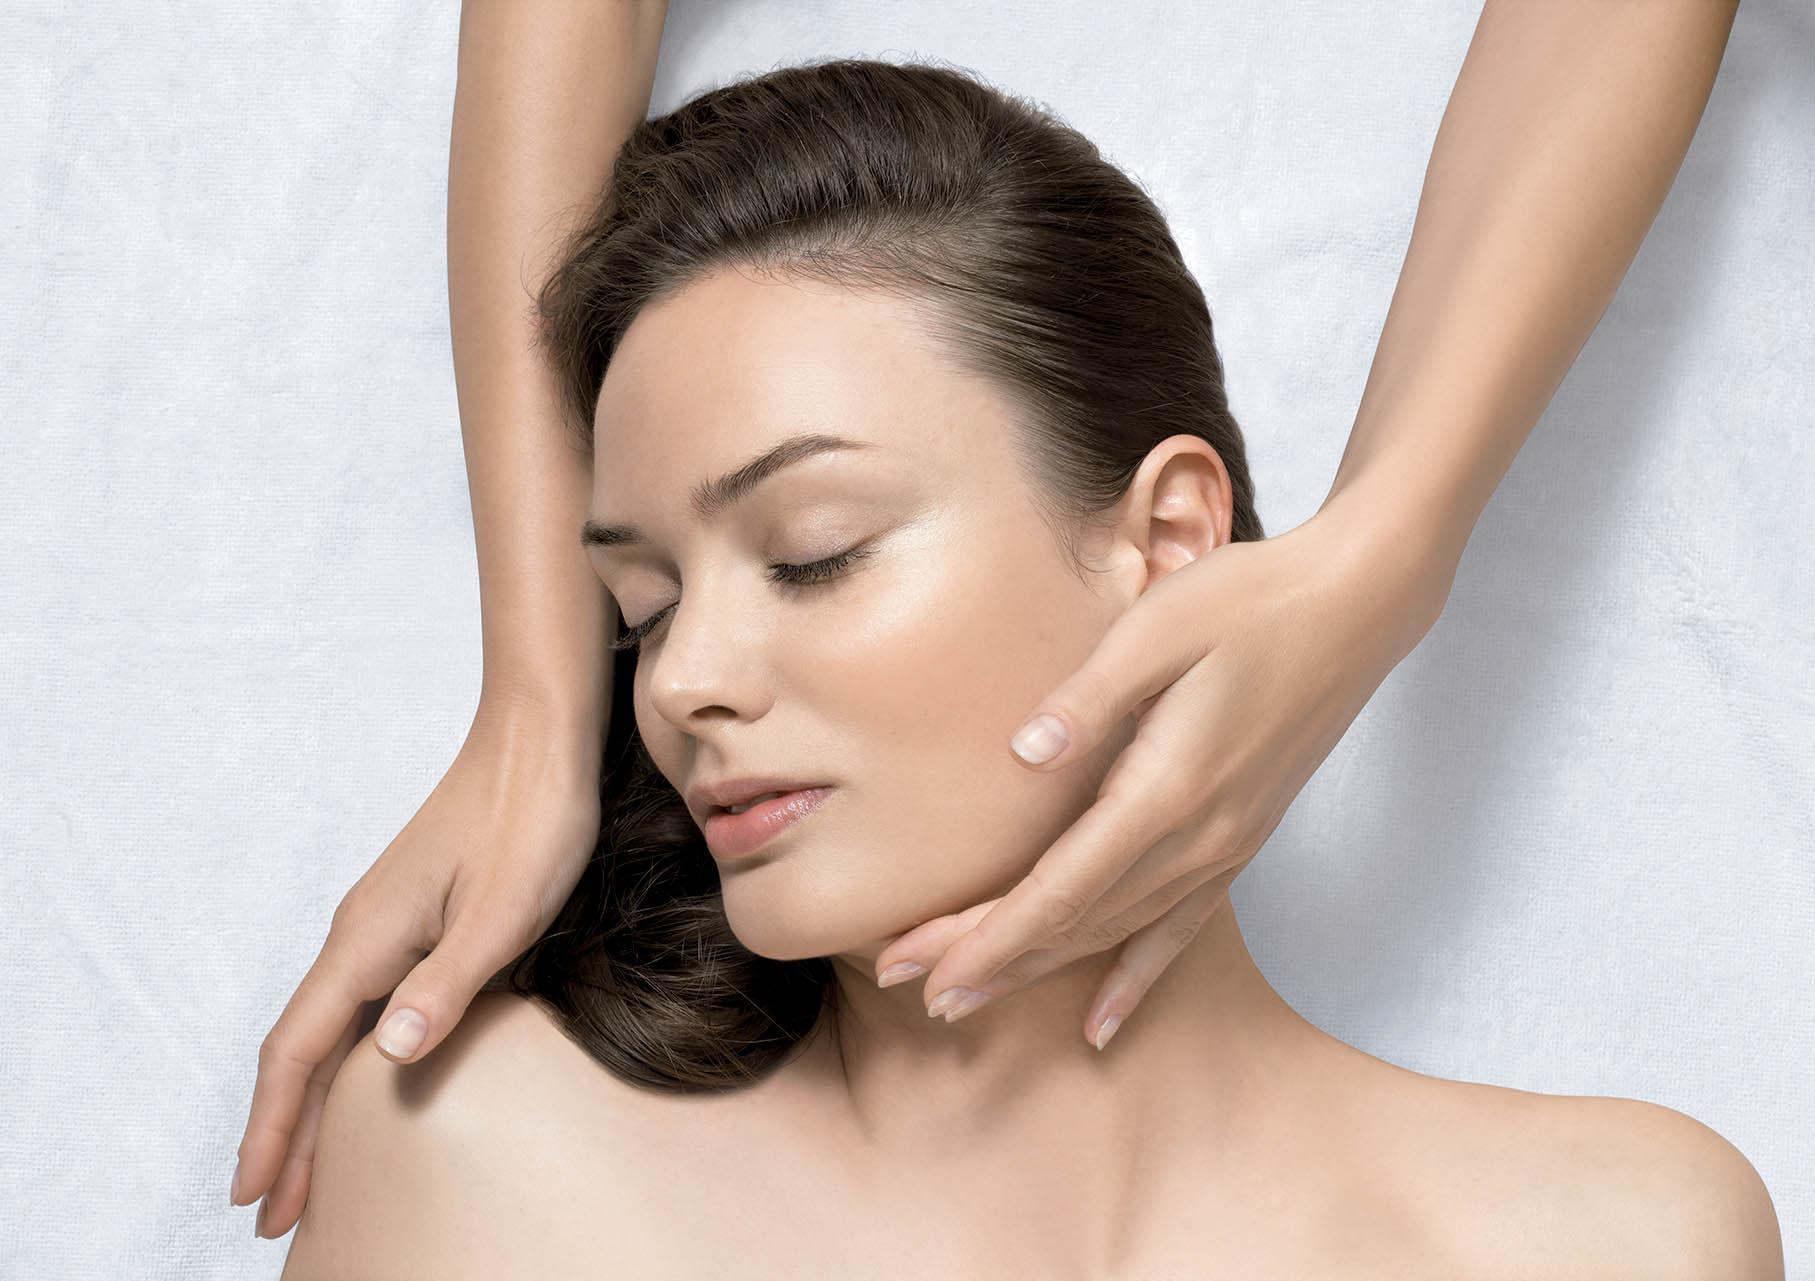 Nettoyage de la peau sans massage